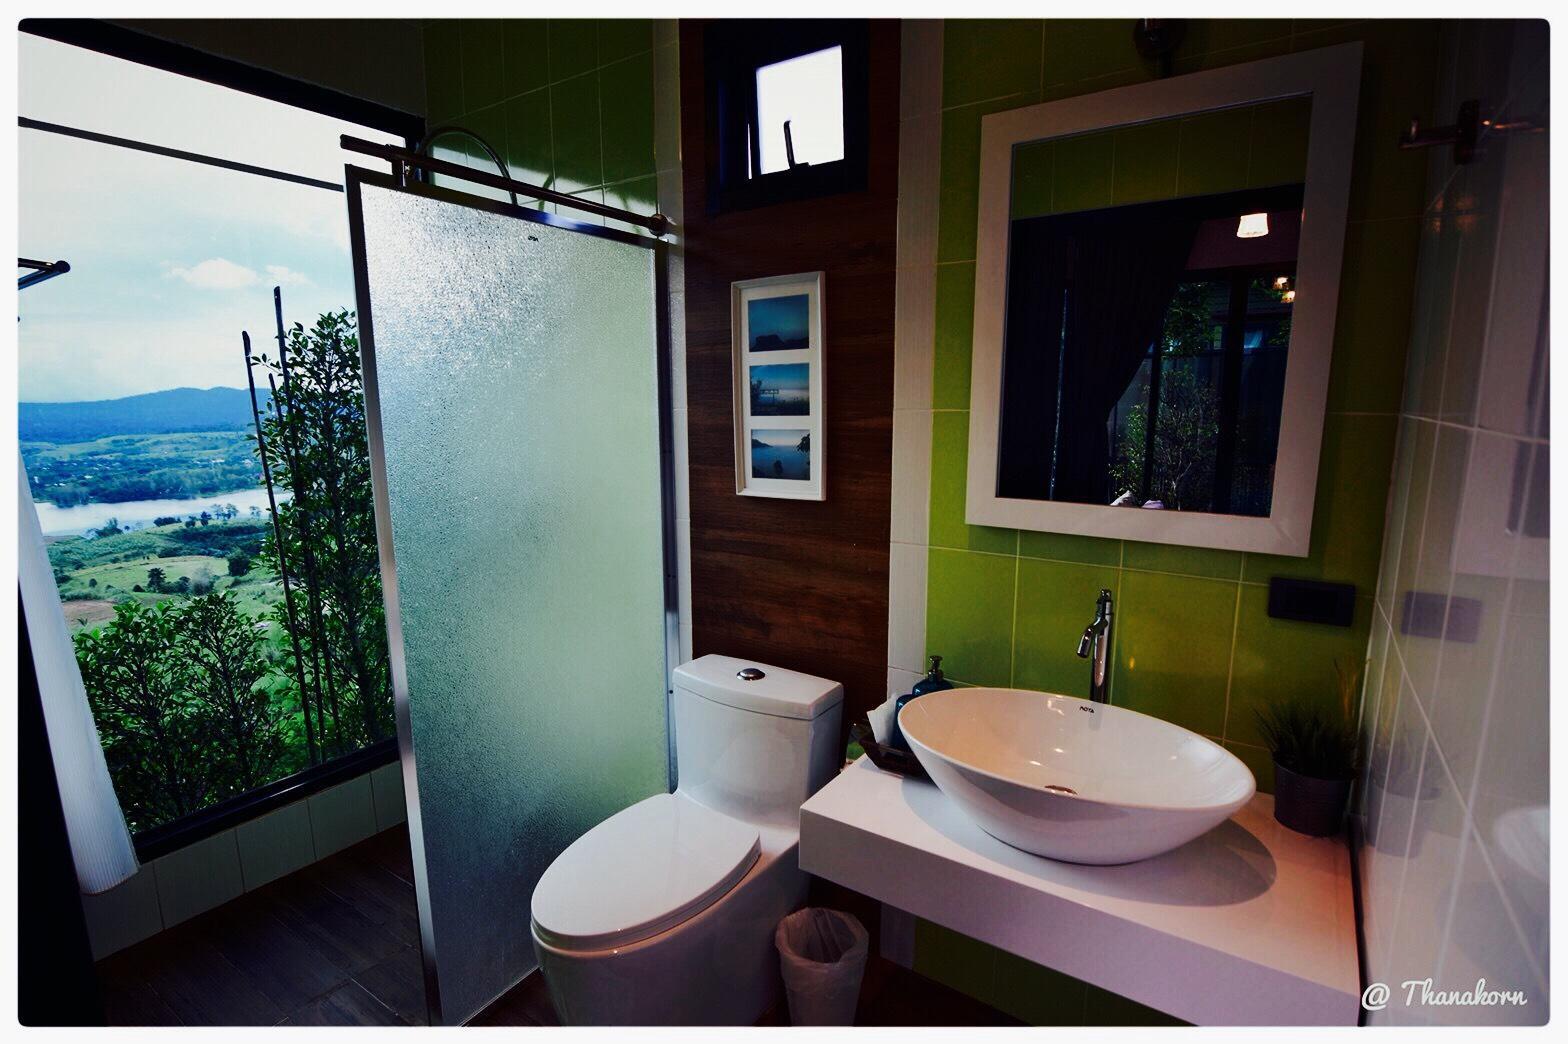 The Proud Resort, 1 ห้องนอน 1 ห้องน้ำส่วนตัว ขนาด 20 ตร.ม. – กลางเมือง